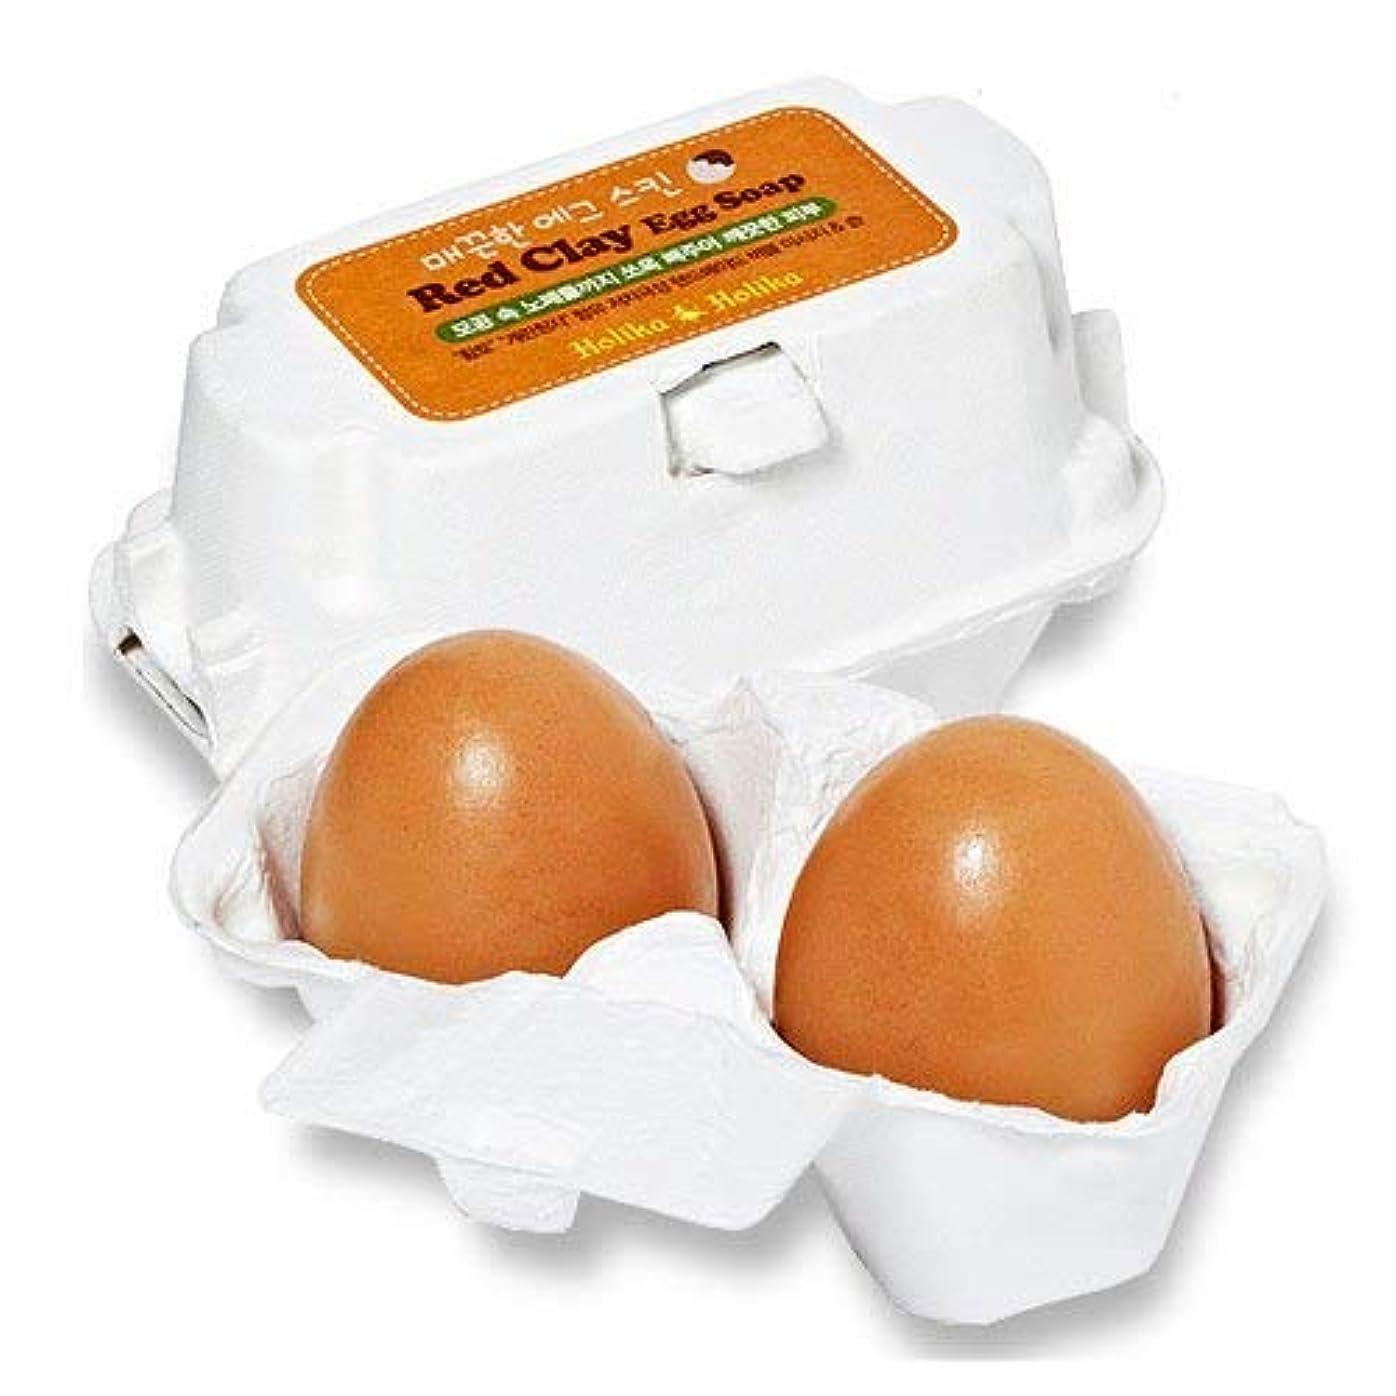 理論航空便残高[黄土/Red Clay] Holika Holika Egg Skin Egg Soap ホリカホリカ エッグスキン エッグソープ (50g*2個) [並行輸入品]